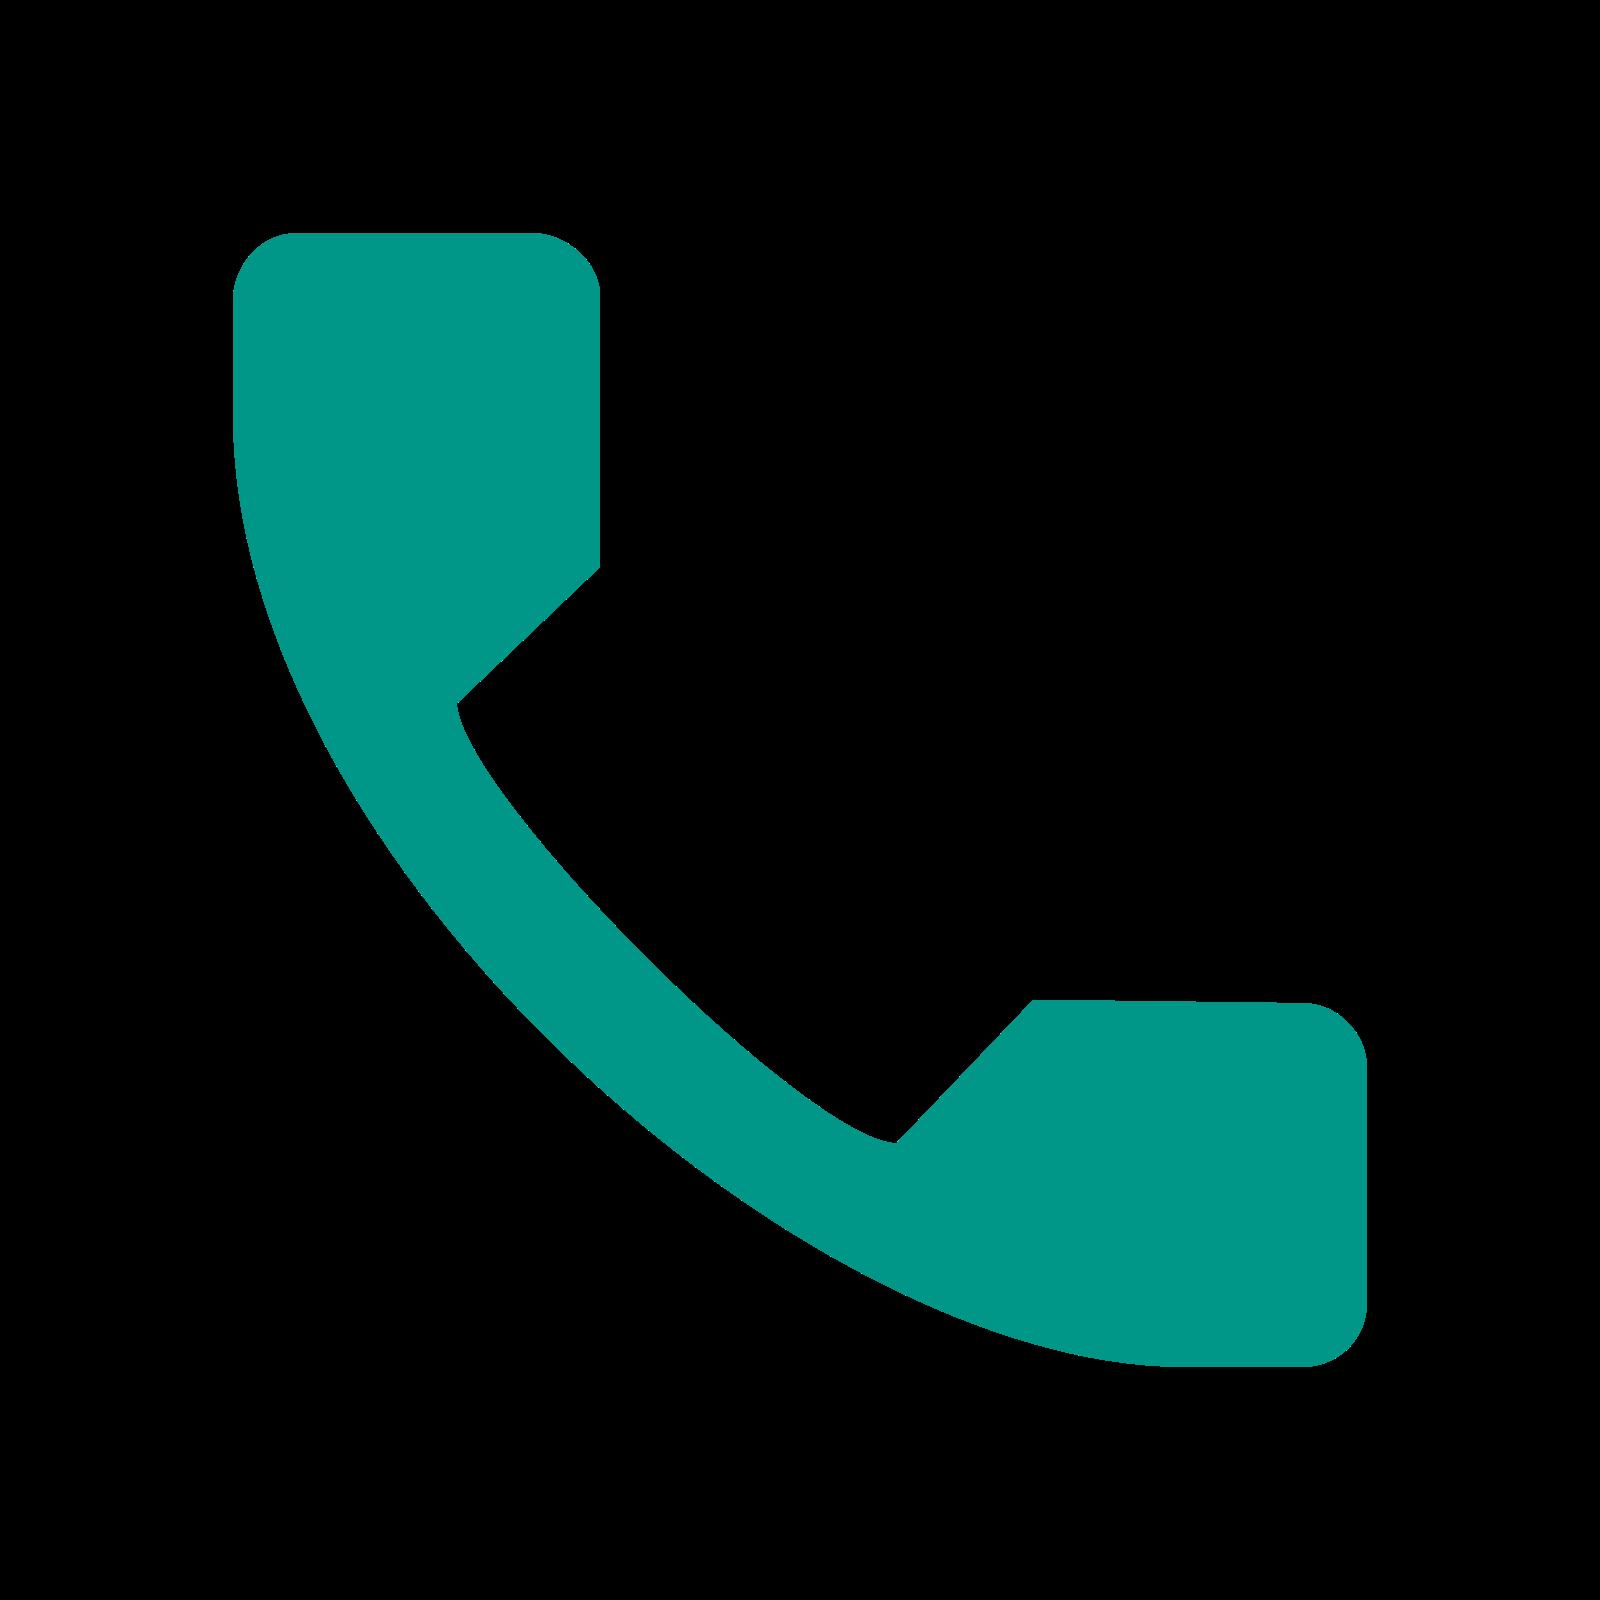 电话 icon. The icon shows a telephone receiver that would seen in 90's model telephone. The icon of the phone receiver has a curving handle with rectangular receiver and mouth piece of equal size.